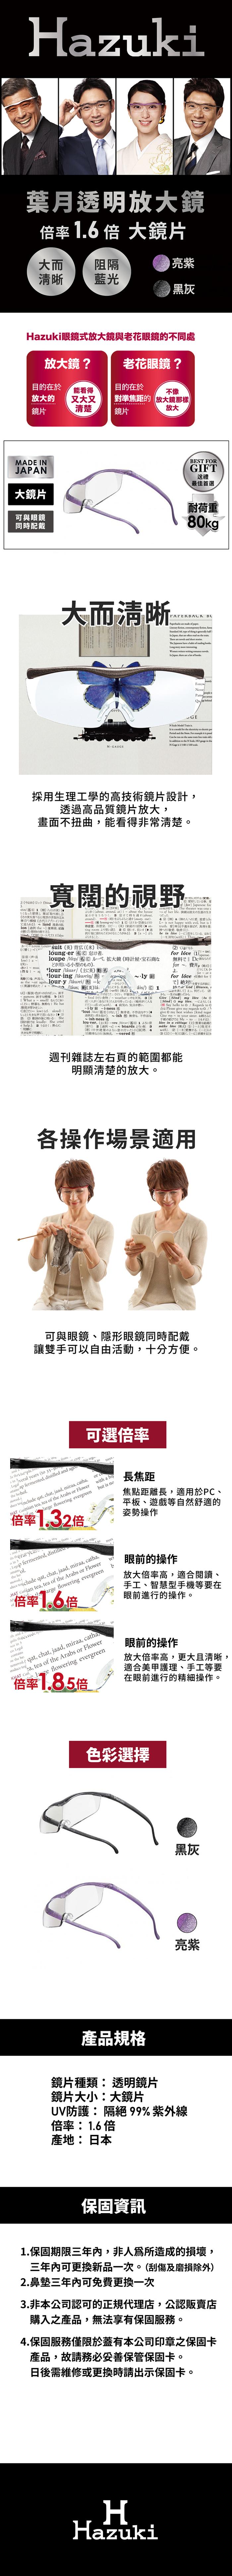 (複製)Hazuki|日本Hazuki葉月透明眼鏡式放大鏡1.32倍大鏡片(黑灰)